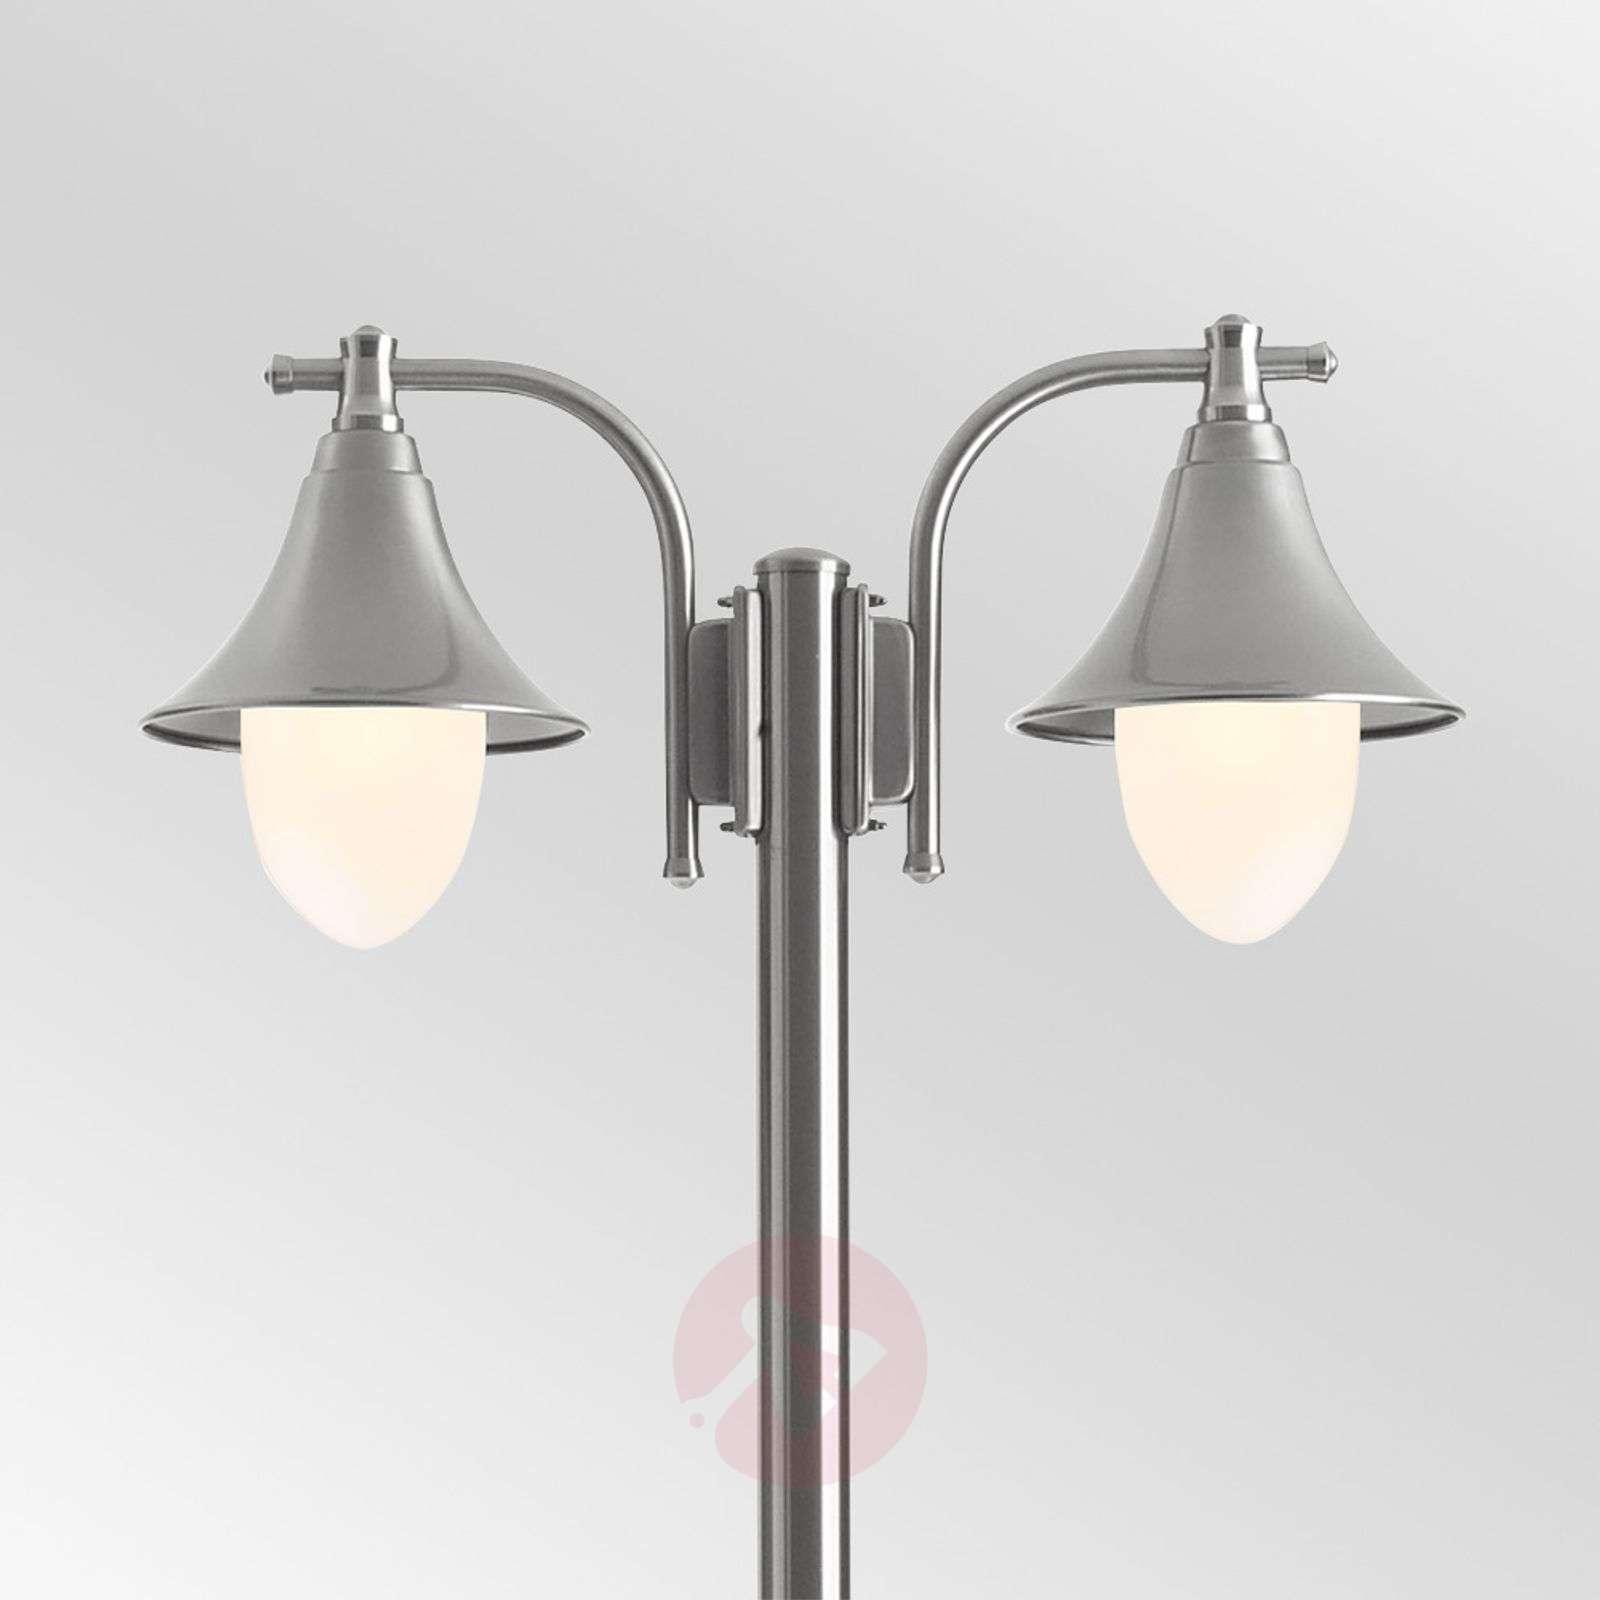 Marlitt two-bulb stainless steel post light-6068073-01